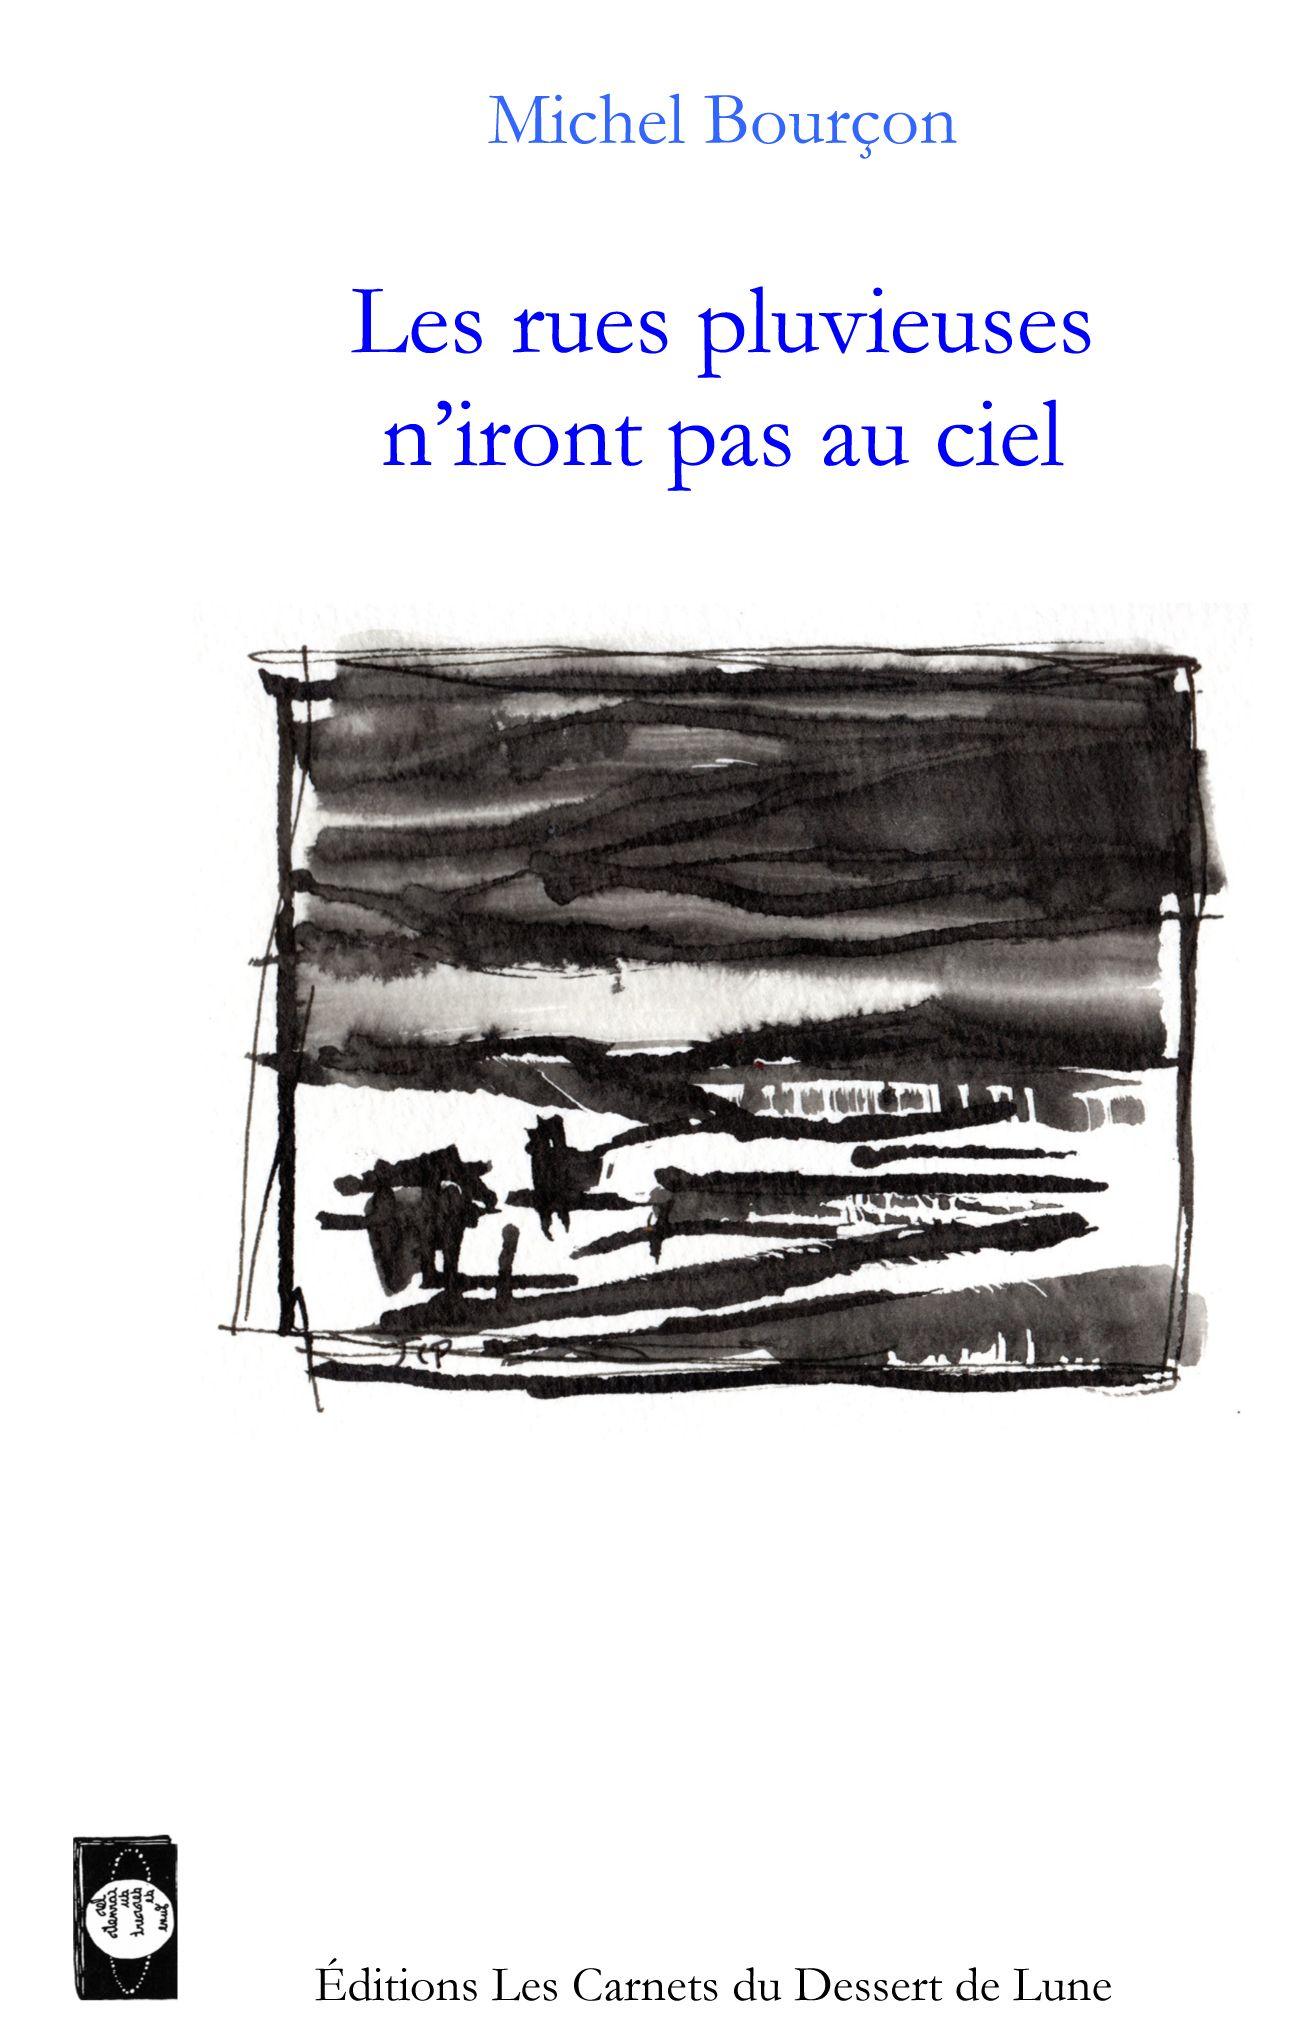 Rue pluvieuses n'iront pas au ciel (Les) :: Marché de la Poésie 2014 ::